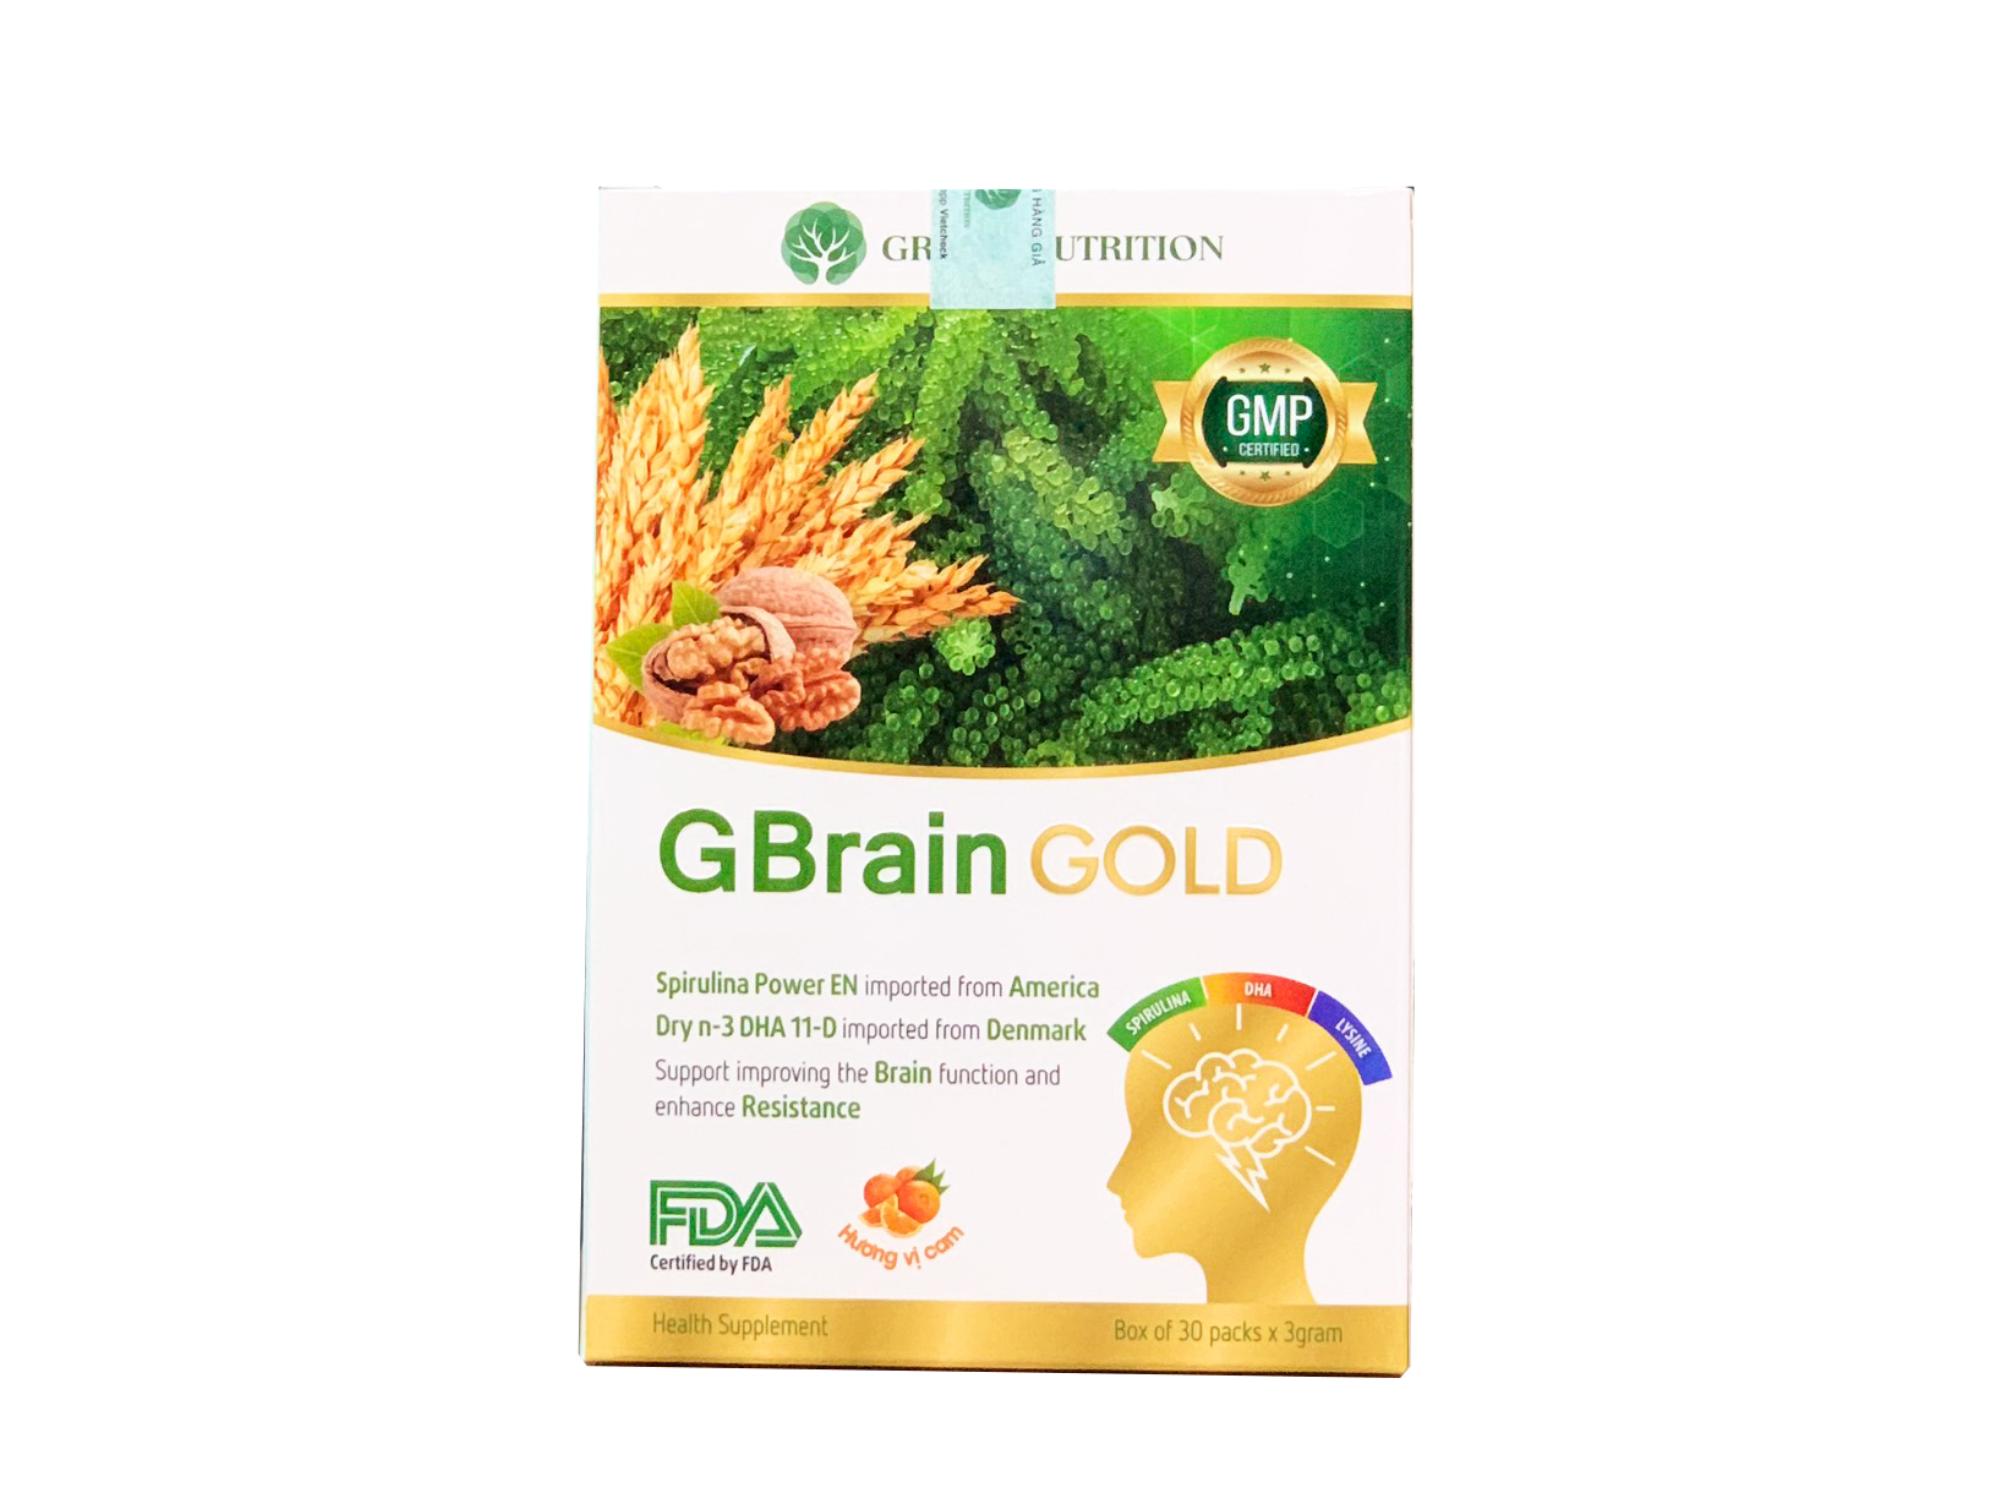 CỐM TRÍ NÃO G-BRAIN GOLD